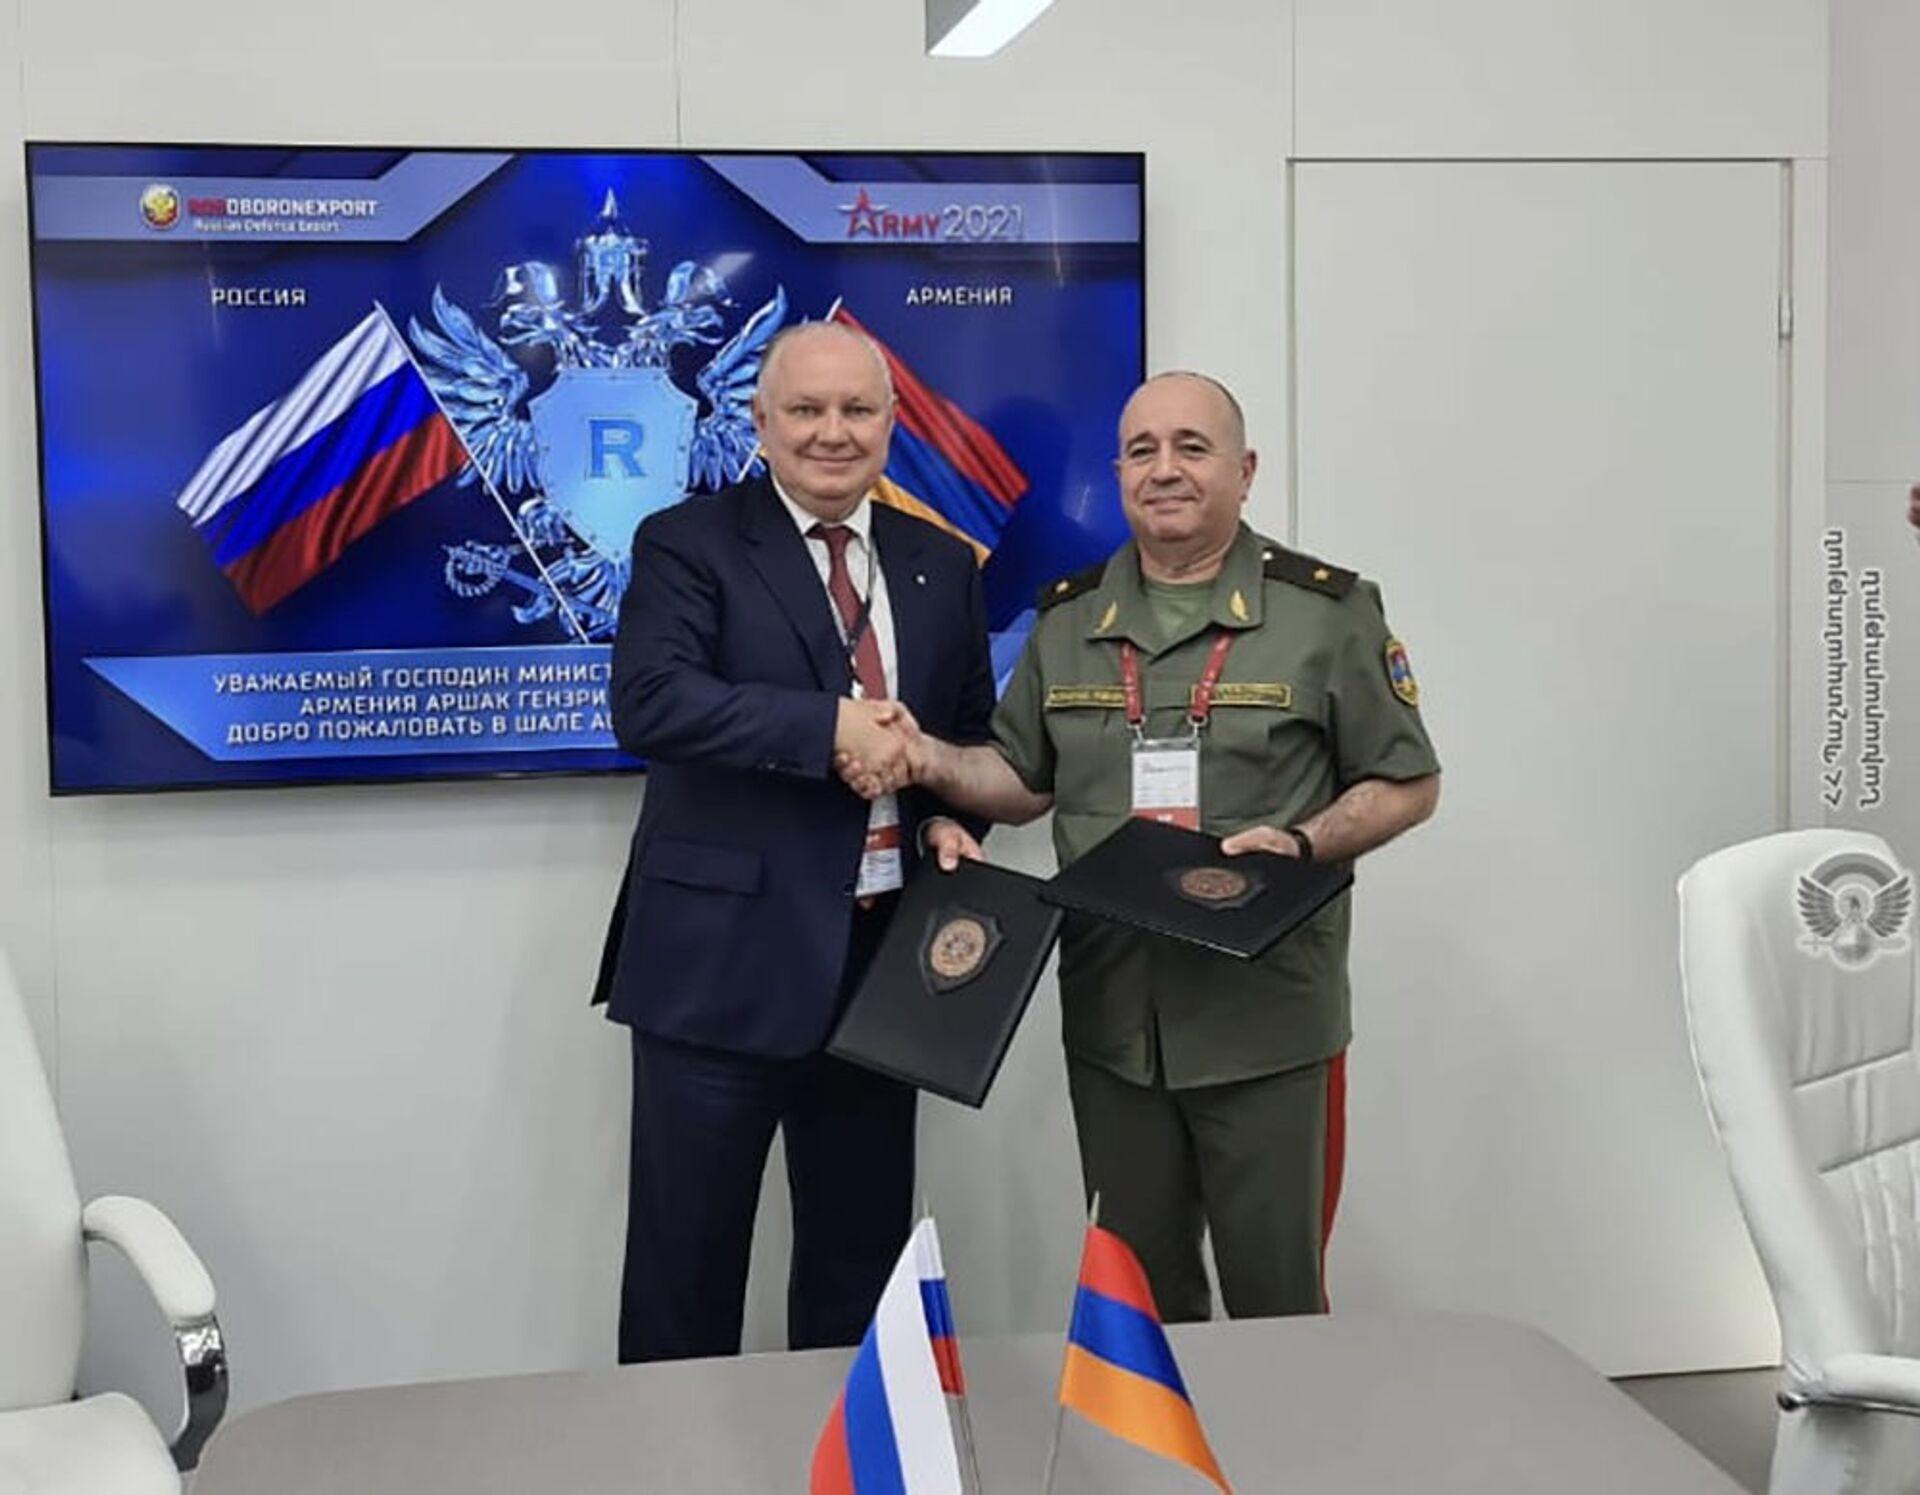 Министр обороны РА Аршак Карапетян принял участие в церемонии открытия военно-промышленной выставки «Армия-2021»  - Sputnik Արմենիա, 1920, 14.09.2021